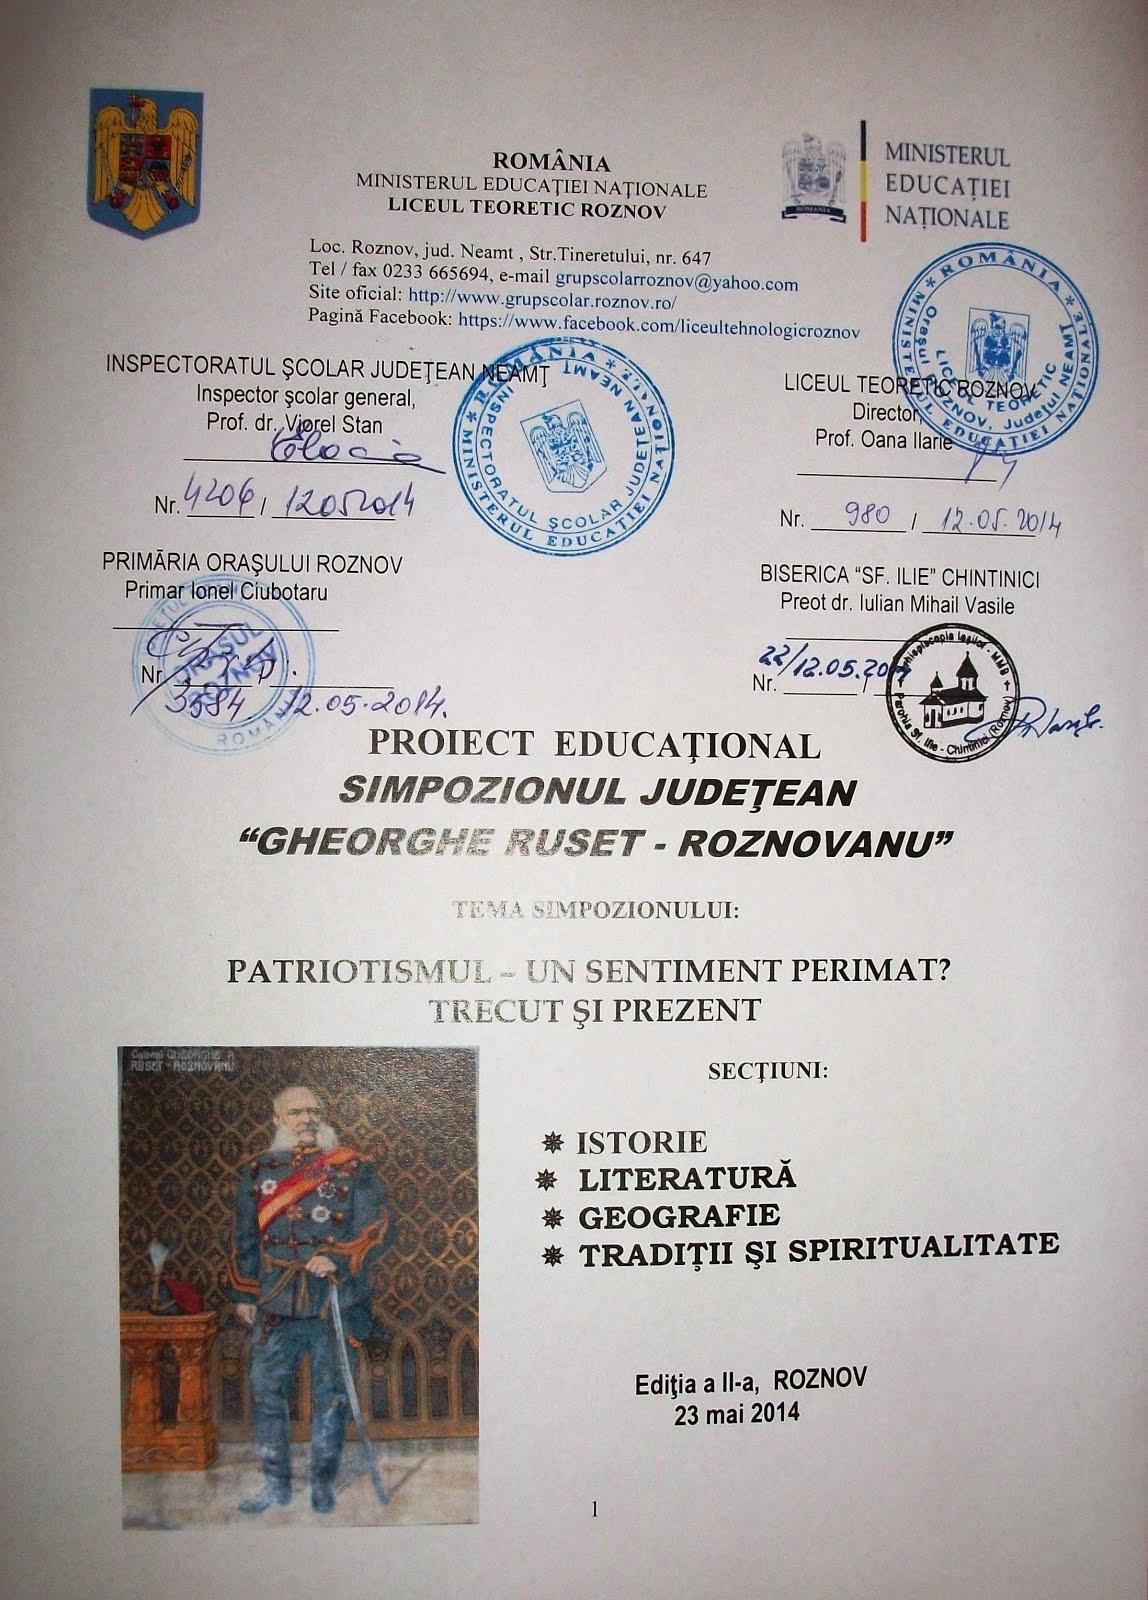 Prima filă a proiectului educaţional - Simpozionul Judeţean Gh. Ruset-Roznovanu, ed. a II-a- 2014